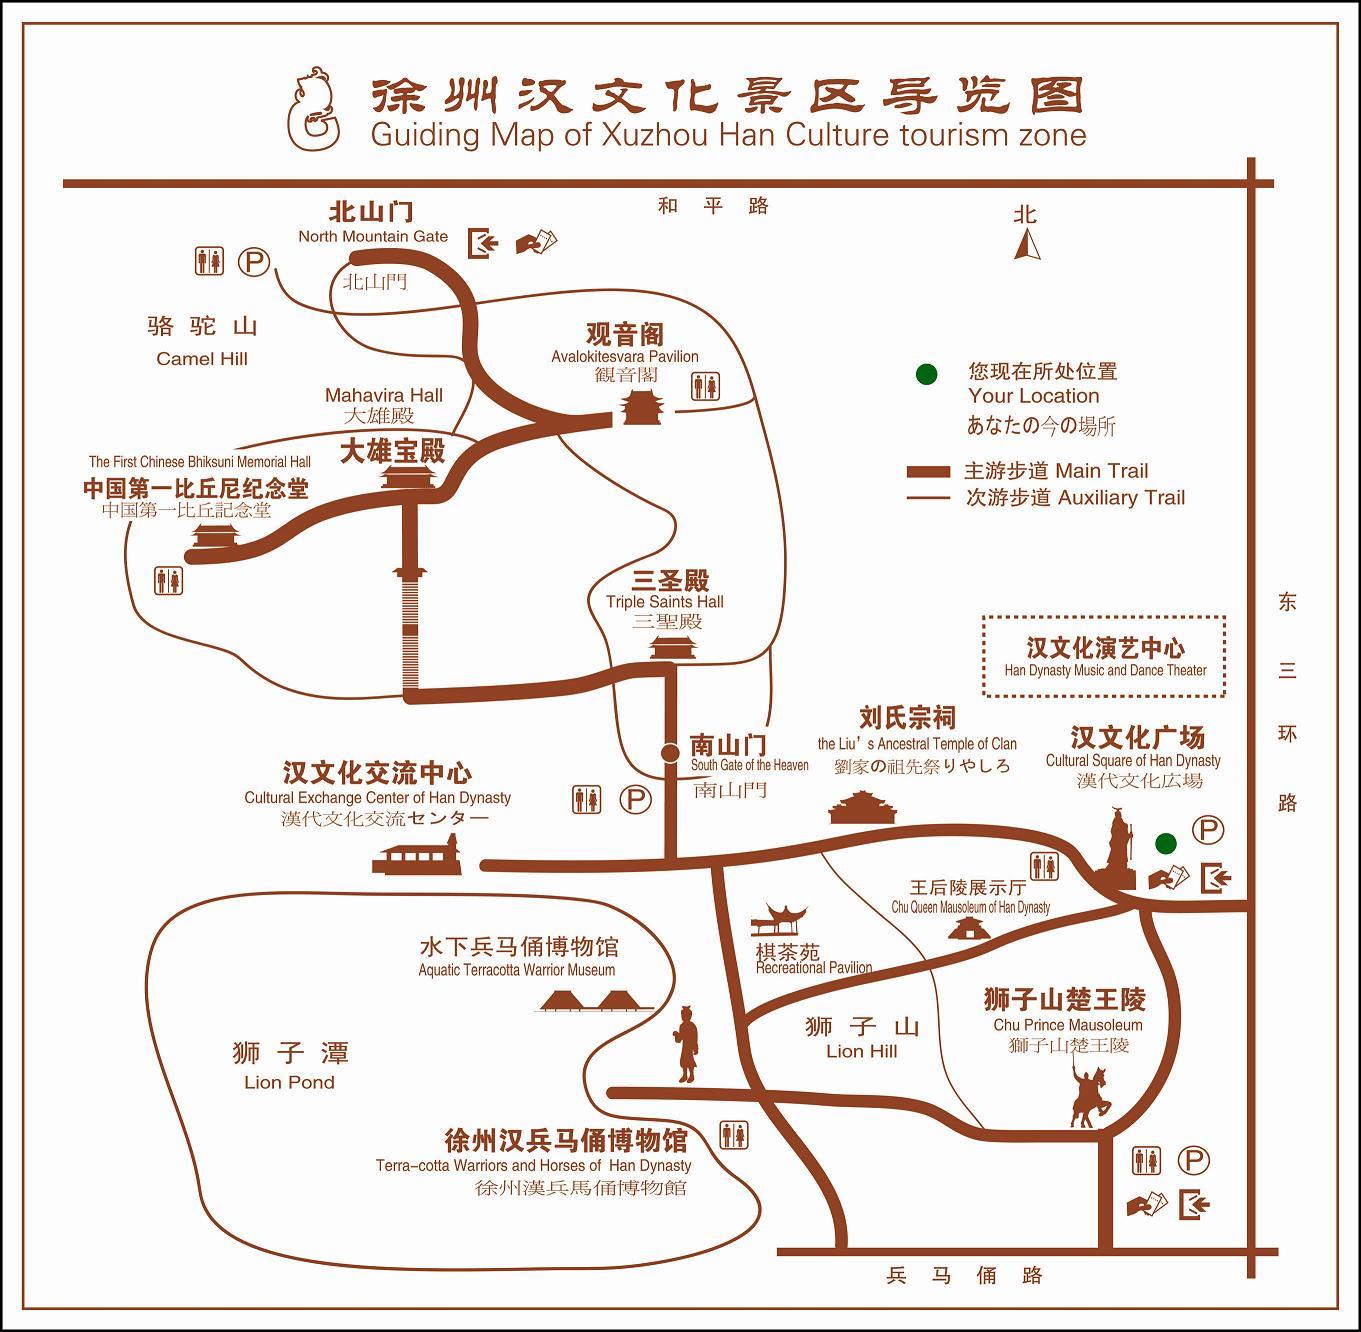 徐州汉文化景区示意图